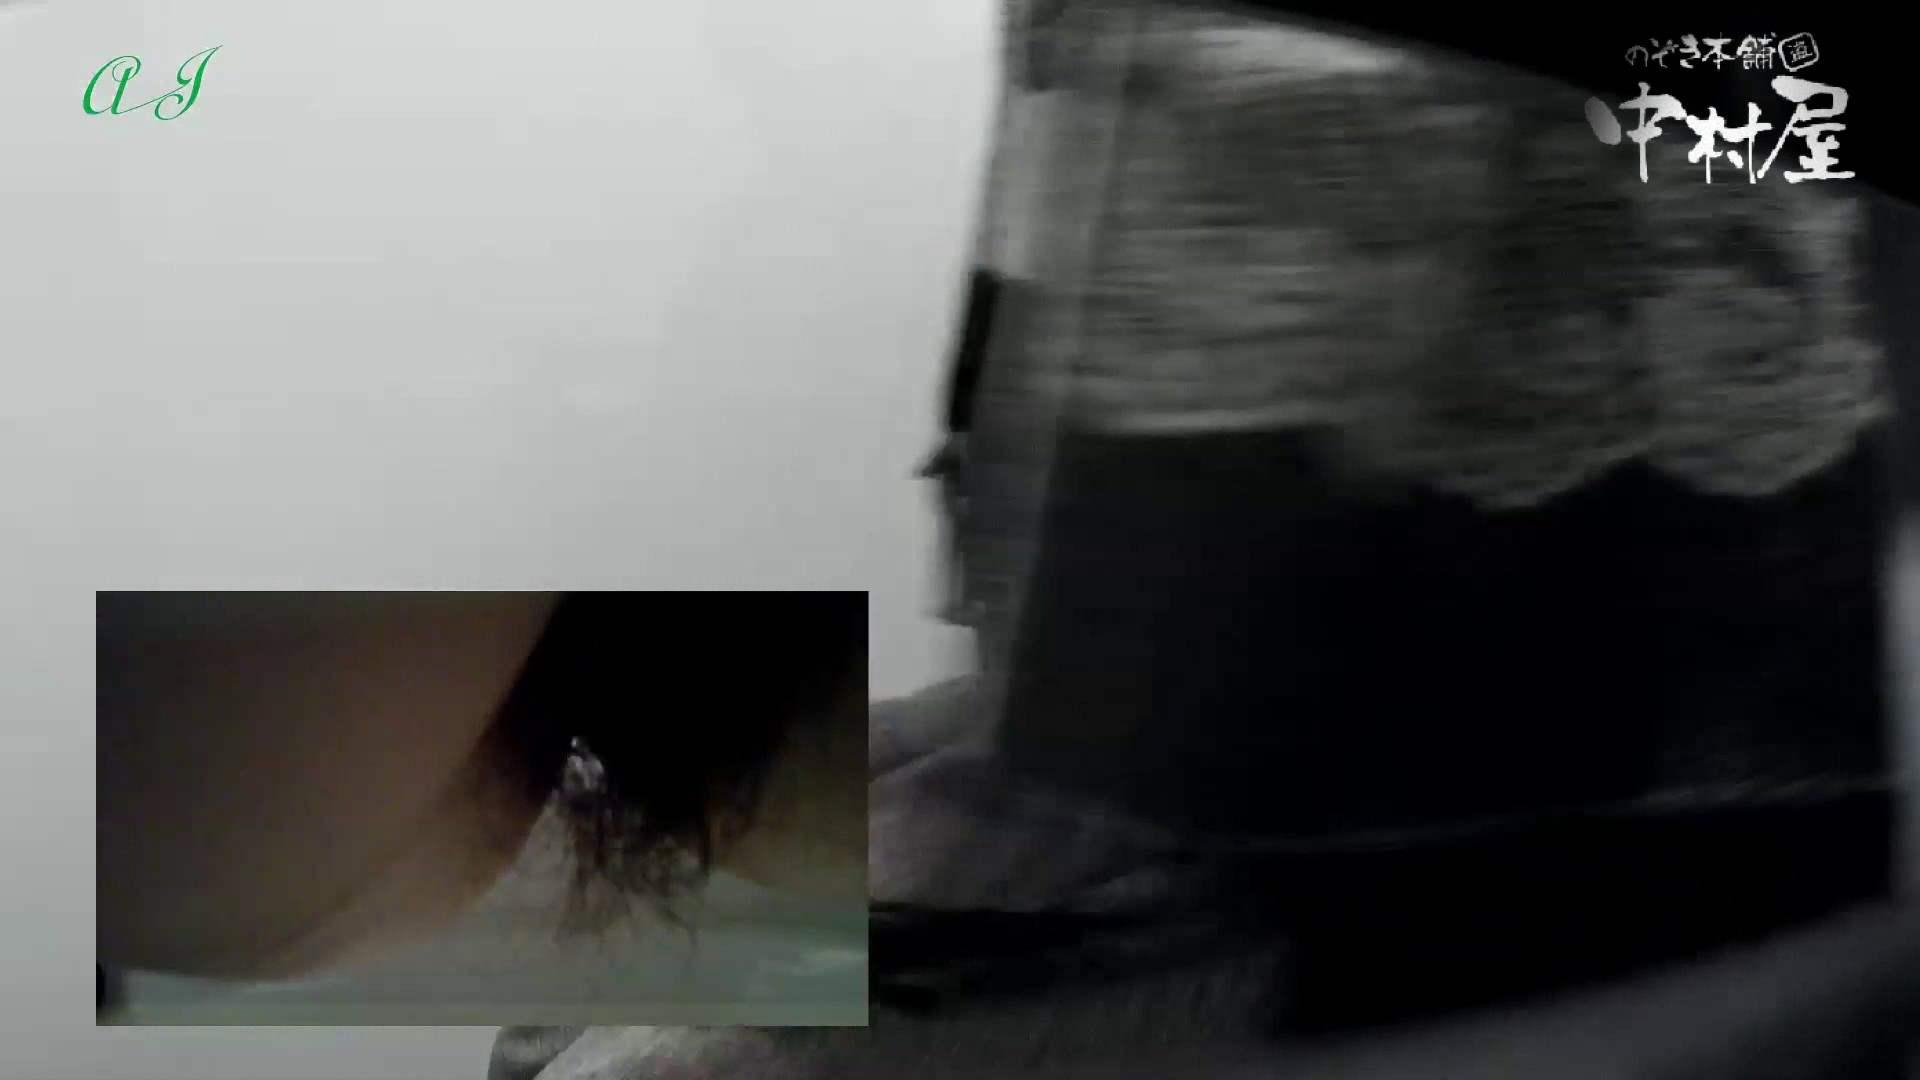 有名大学女性洗面所 vol.61 お久しぶりです。美しい物を美しく撮れました エロいOL オメコ無修正動画無料 57枚